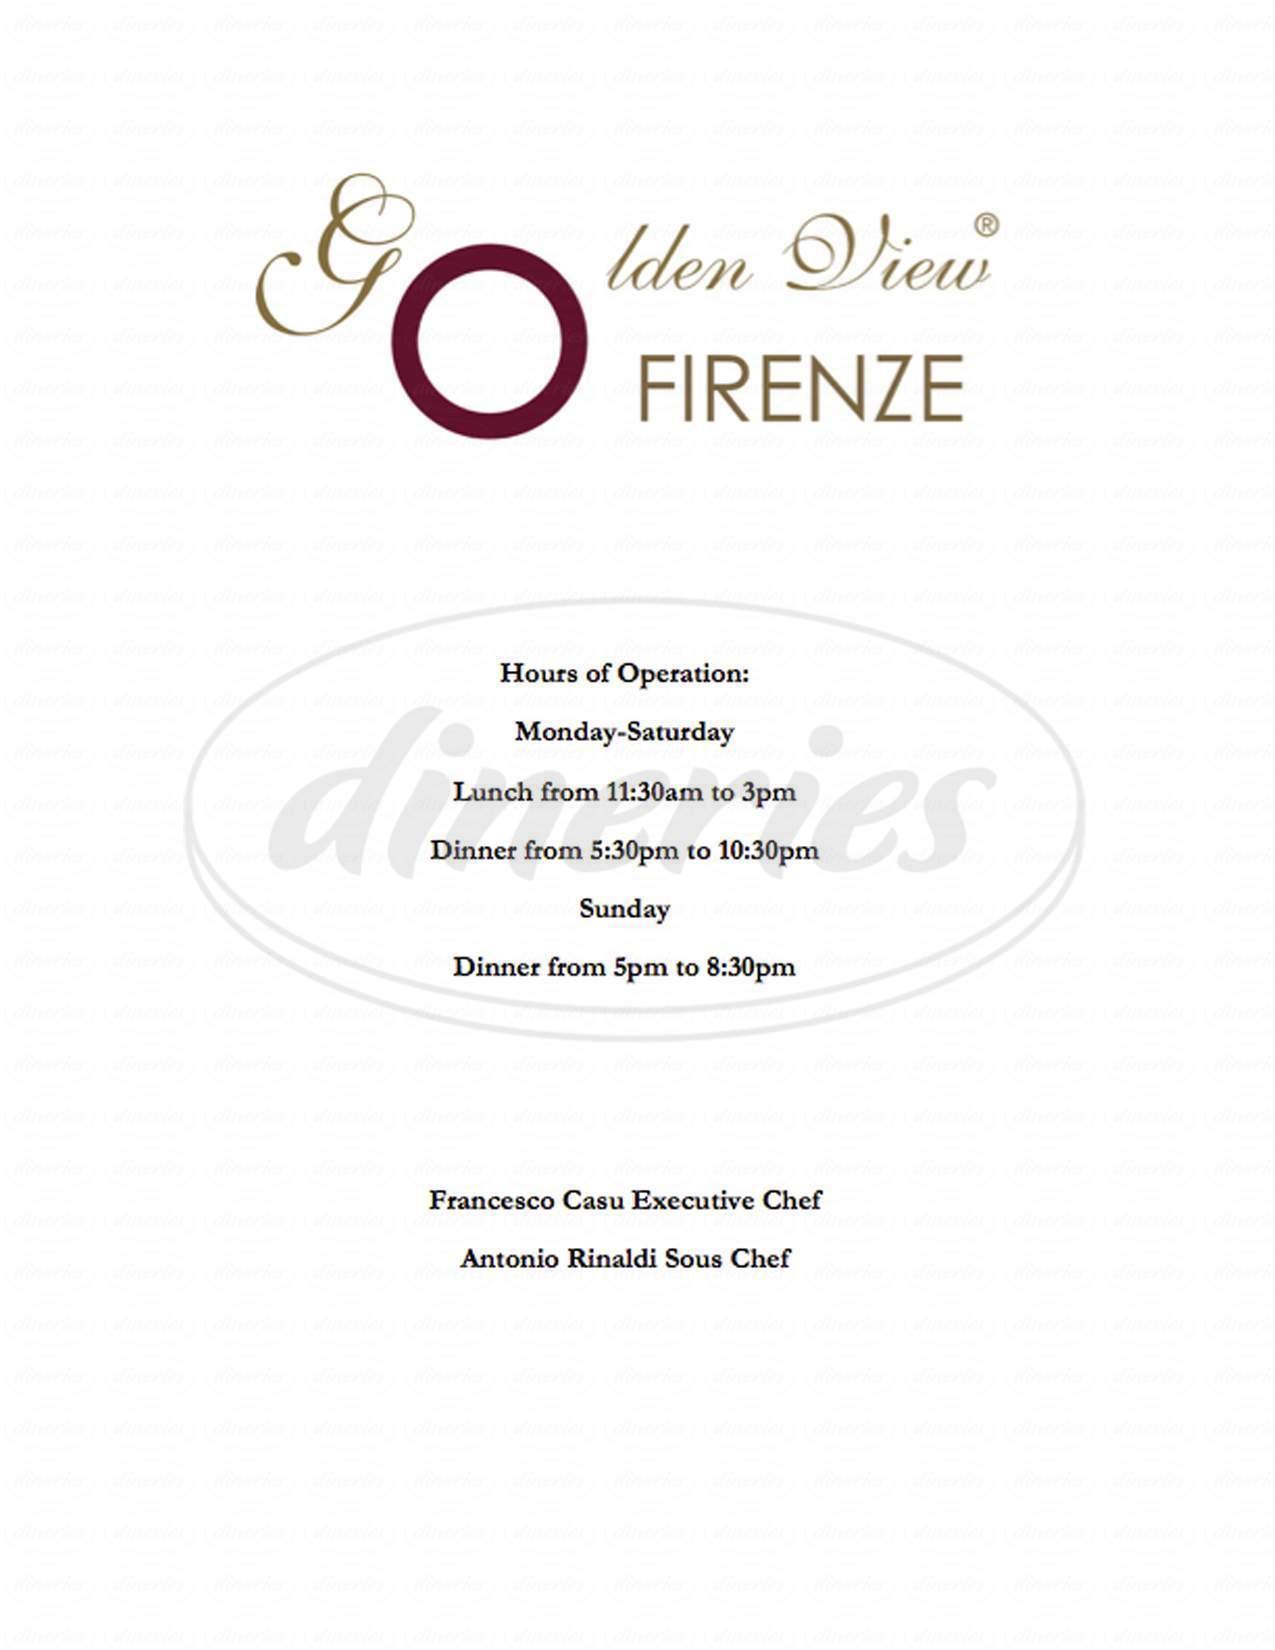 menu for Golden View Firenze